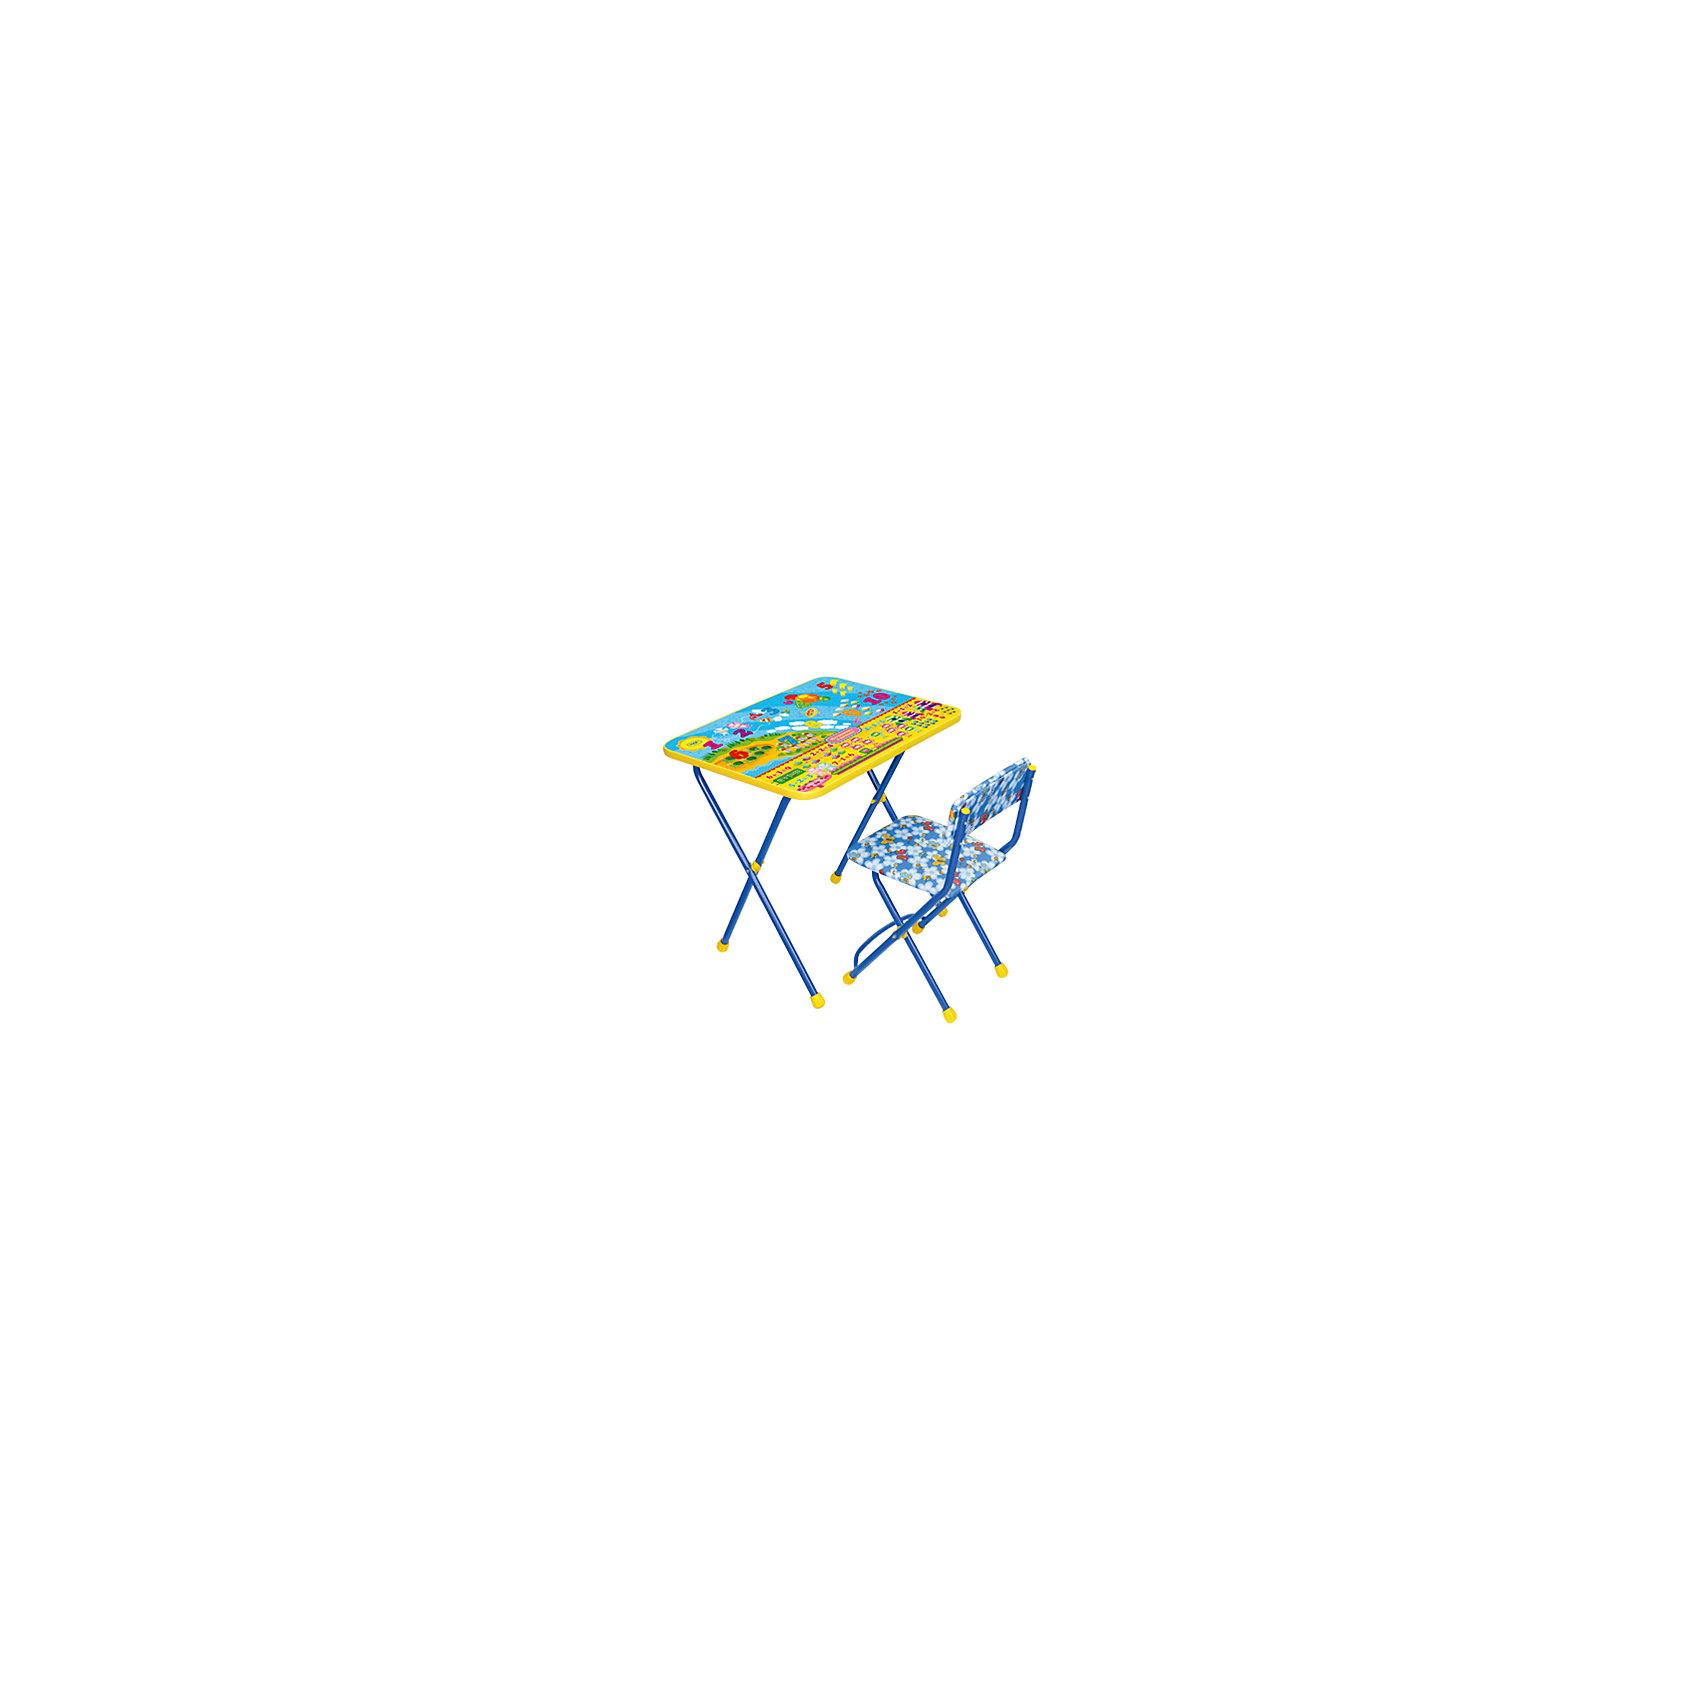 Набор мебели Космос, математикаСтолы и стулья<br>Набор детской мебели Космос состоит из двух предметов: стол-парта и стульчик.  На крышке столика изображены картинки с цифрами.<br><br>Дополнительная информация:<br><br>В комплект входит стол-парта и стул с мягким сиденьем.<br>- Металлический каркас.<br>- Столешница облицована пленкой с тематическими рисунками.<br>- На ножках стула установлены пластмассовые наконечники.<br>- Размер столика: 59х45х57 см.<br>- Размер стула: высота до сиденья 32 см, высота со спинкой 56 см.<br>Сиденье: 30х27 см.<br>- Возраст: от 3-х лет<br><br>Набор мебели Космос математика, можно купить в нашем магазине.<br><br>Ширина мм: 580<br>Глубина мм: 120<br>Высота мм: 450<br>Вес г: 8000<br>Возраст от месяцев: 36<br>Возраст до месяцев: 108<br>Пол: Унисекс<br>Возраст: Детский<br>SKU: 4718352